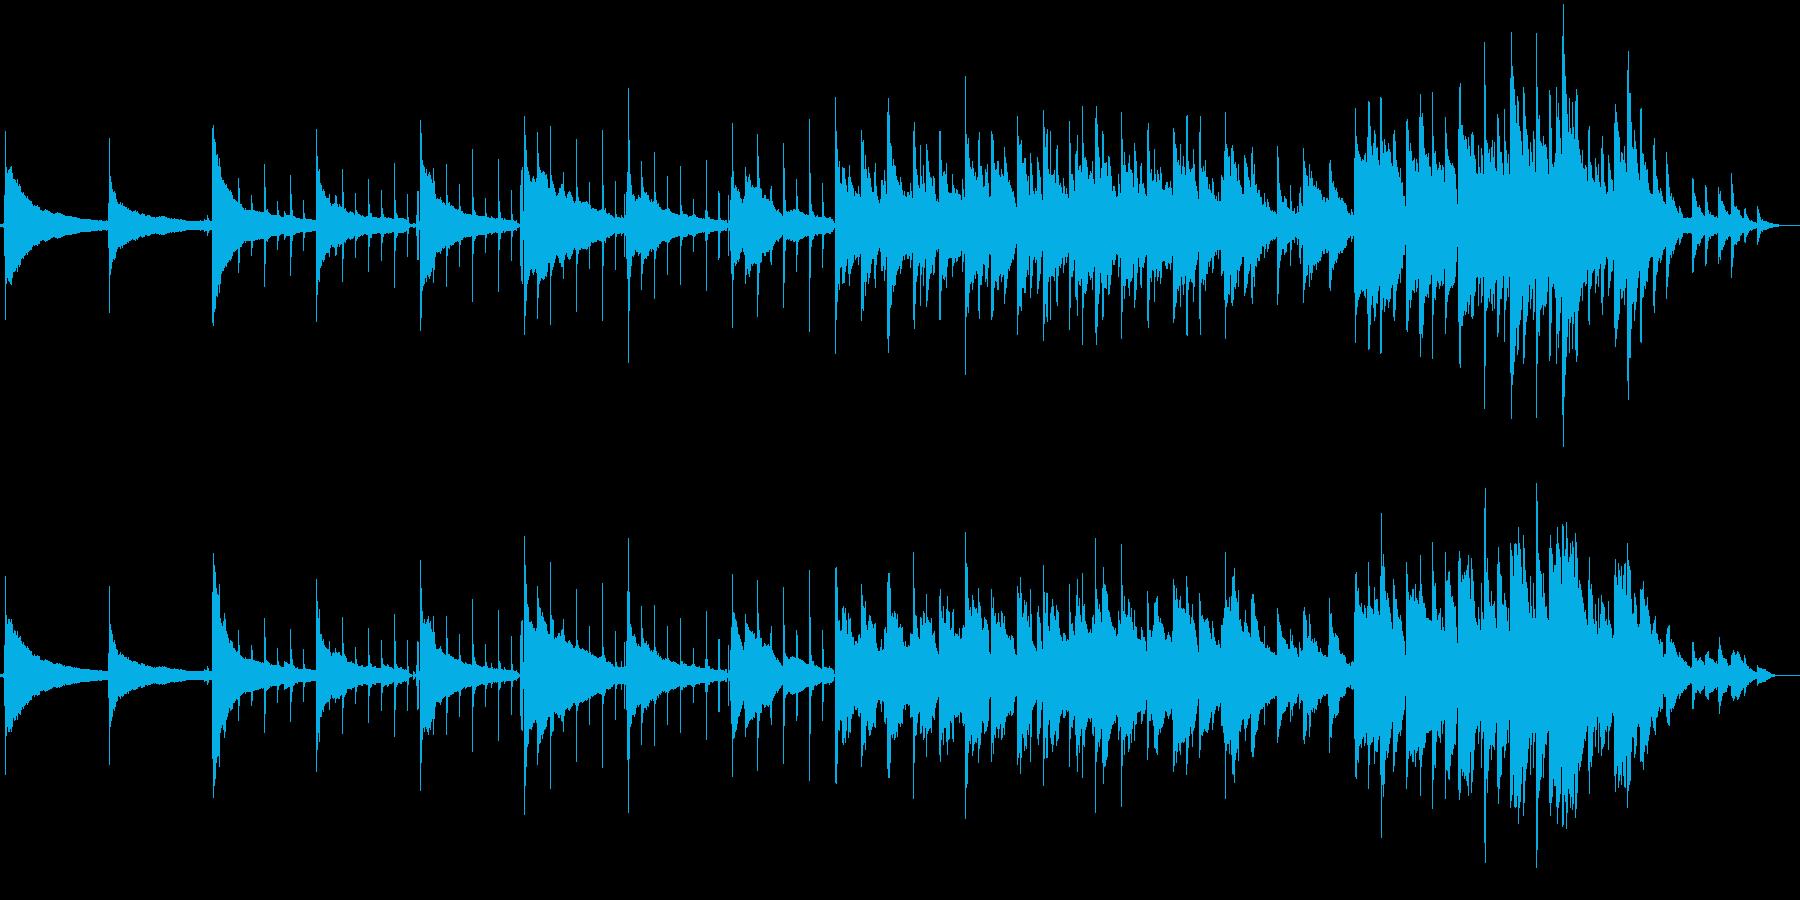 陰鬱とした曲の再生済みの波形